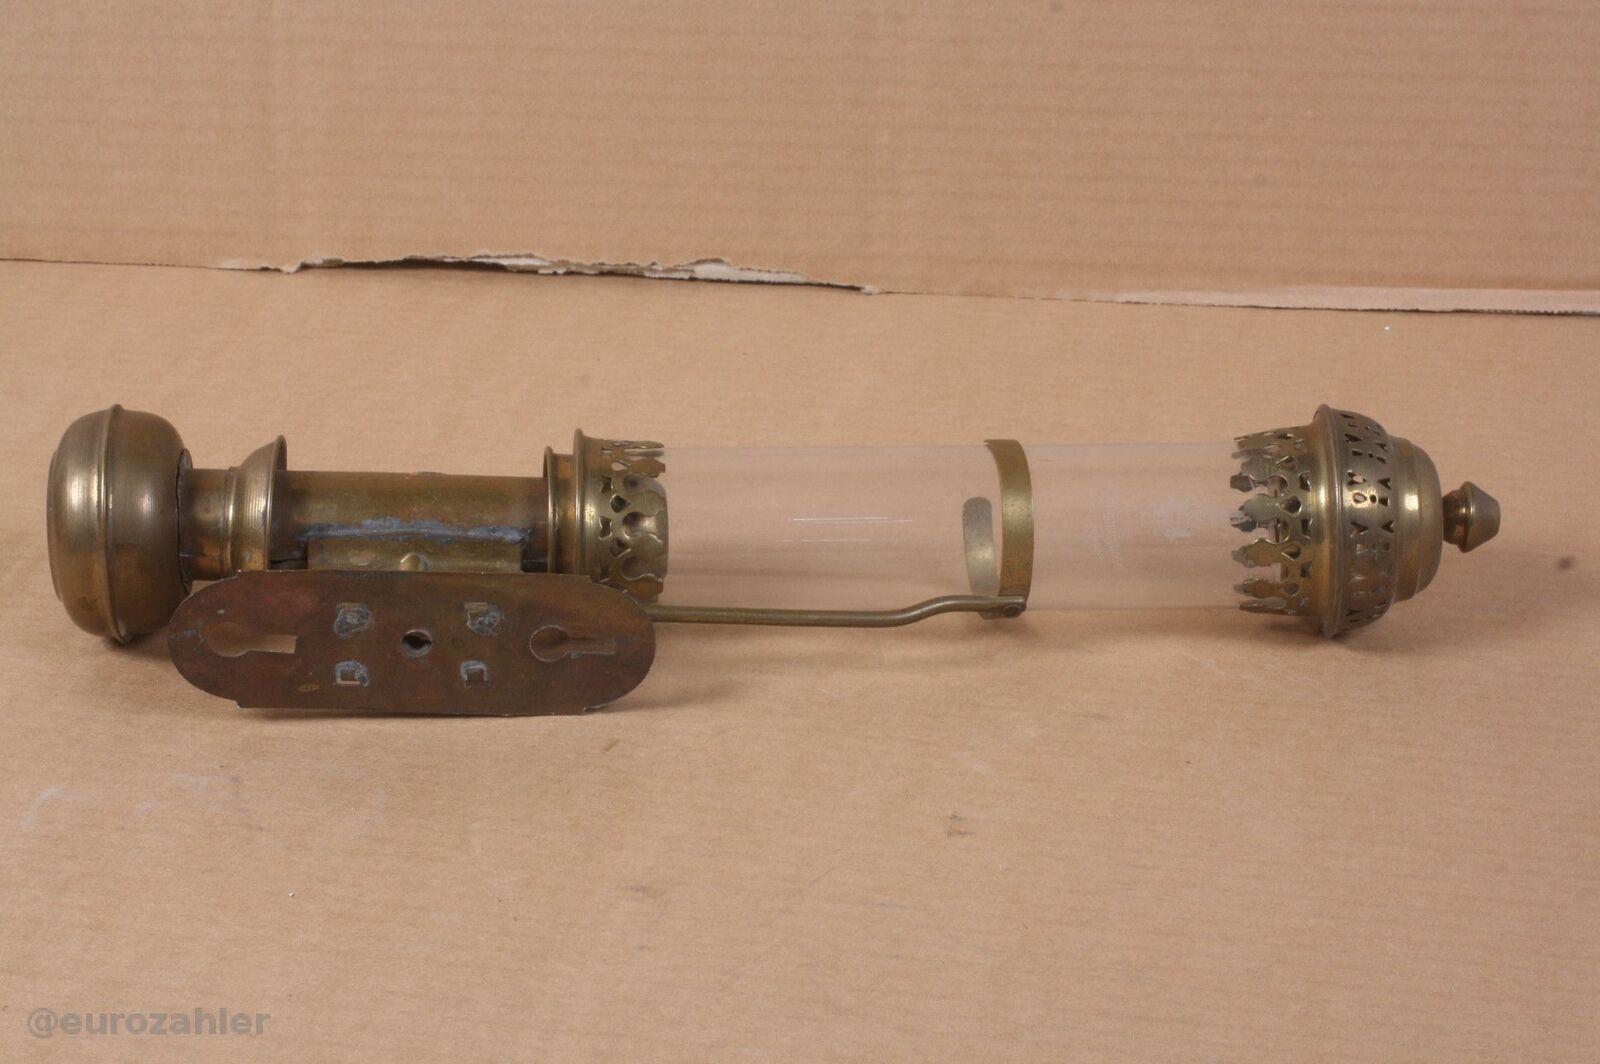 DLC antiker Messing Kerzenleuchter Wandleuchter 41cm hoch original Glaszylind...